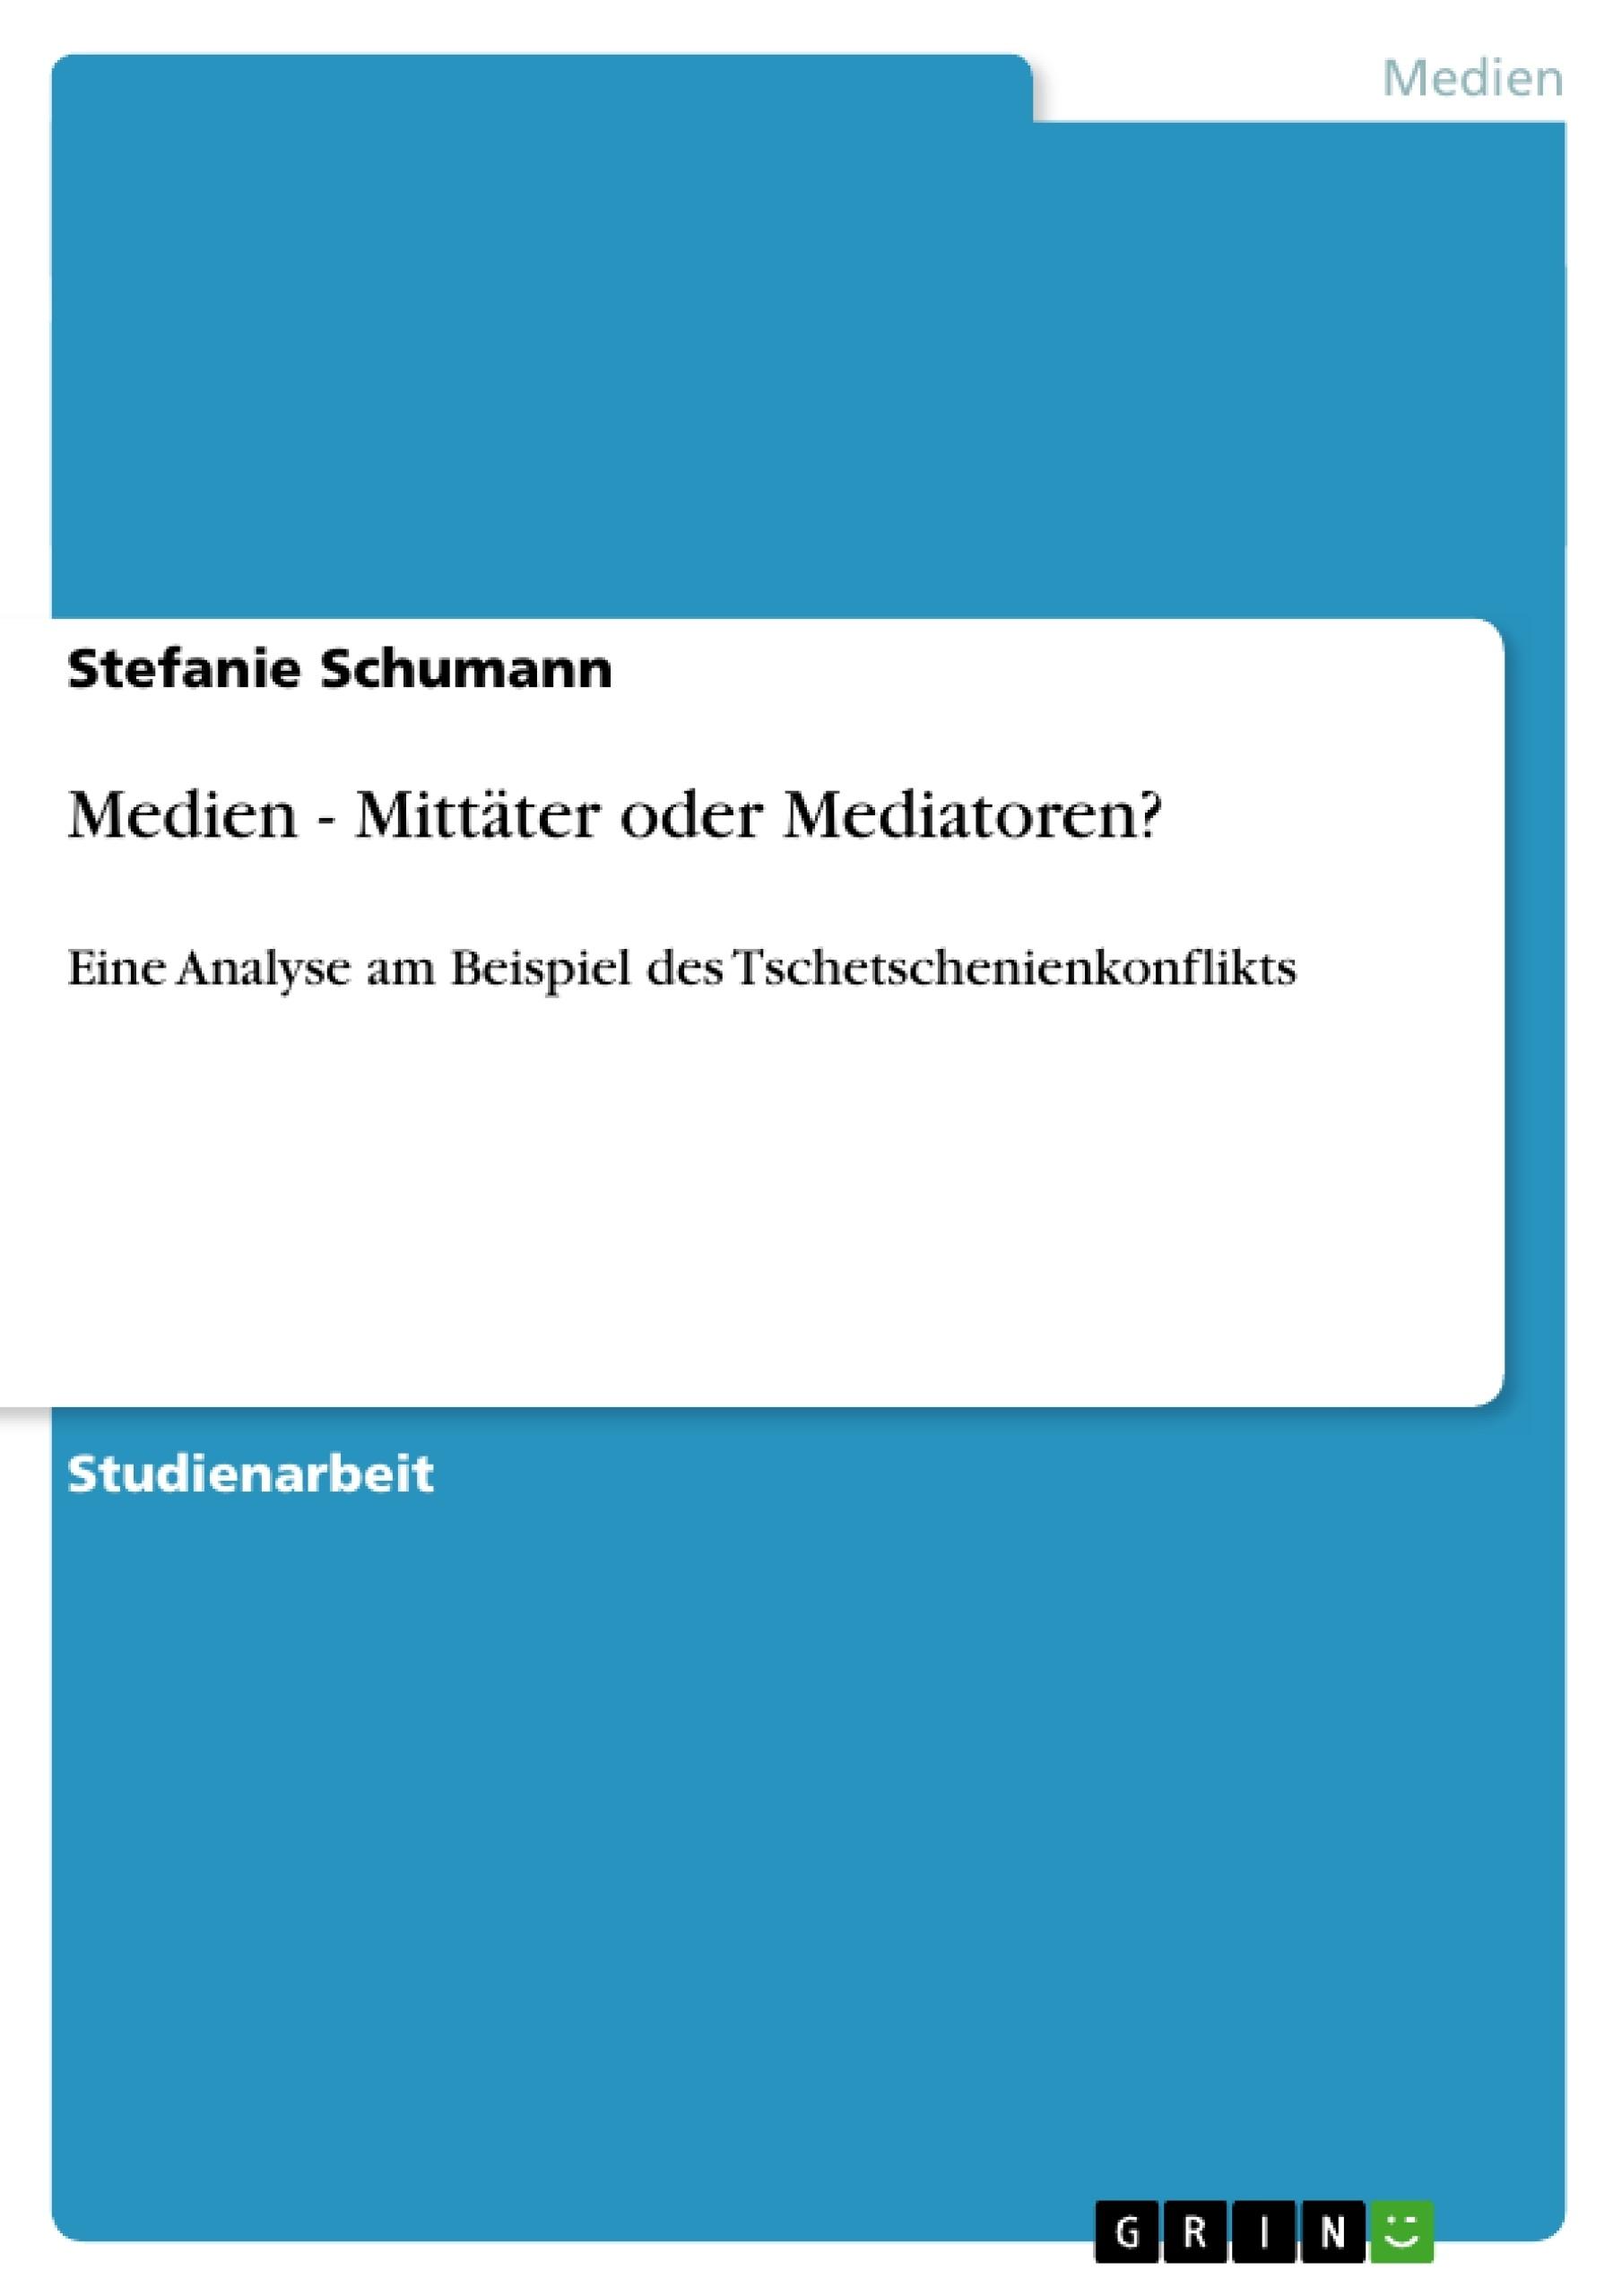 Titel: Medien - Mittäter oder Mediatoren?